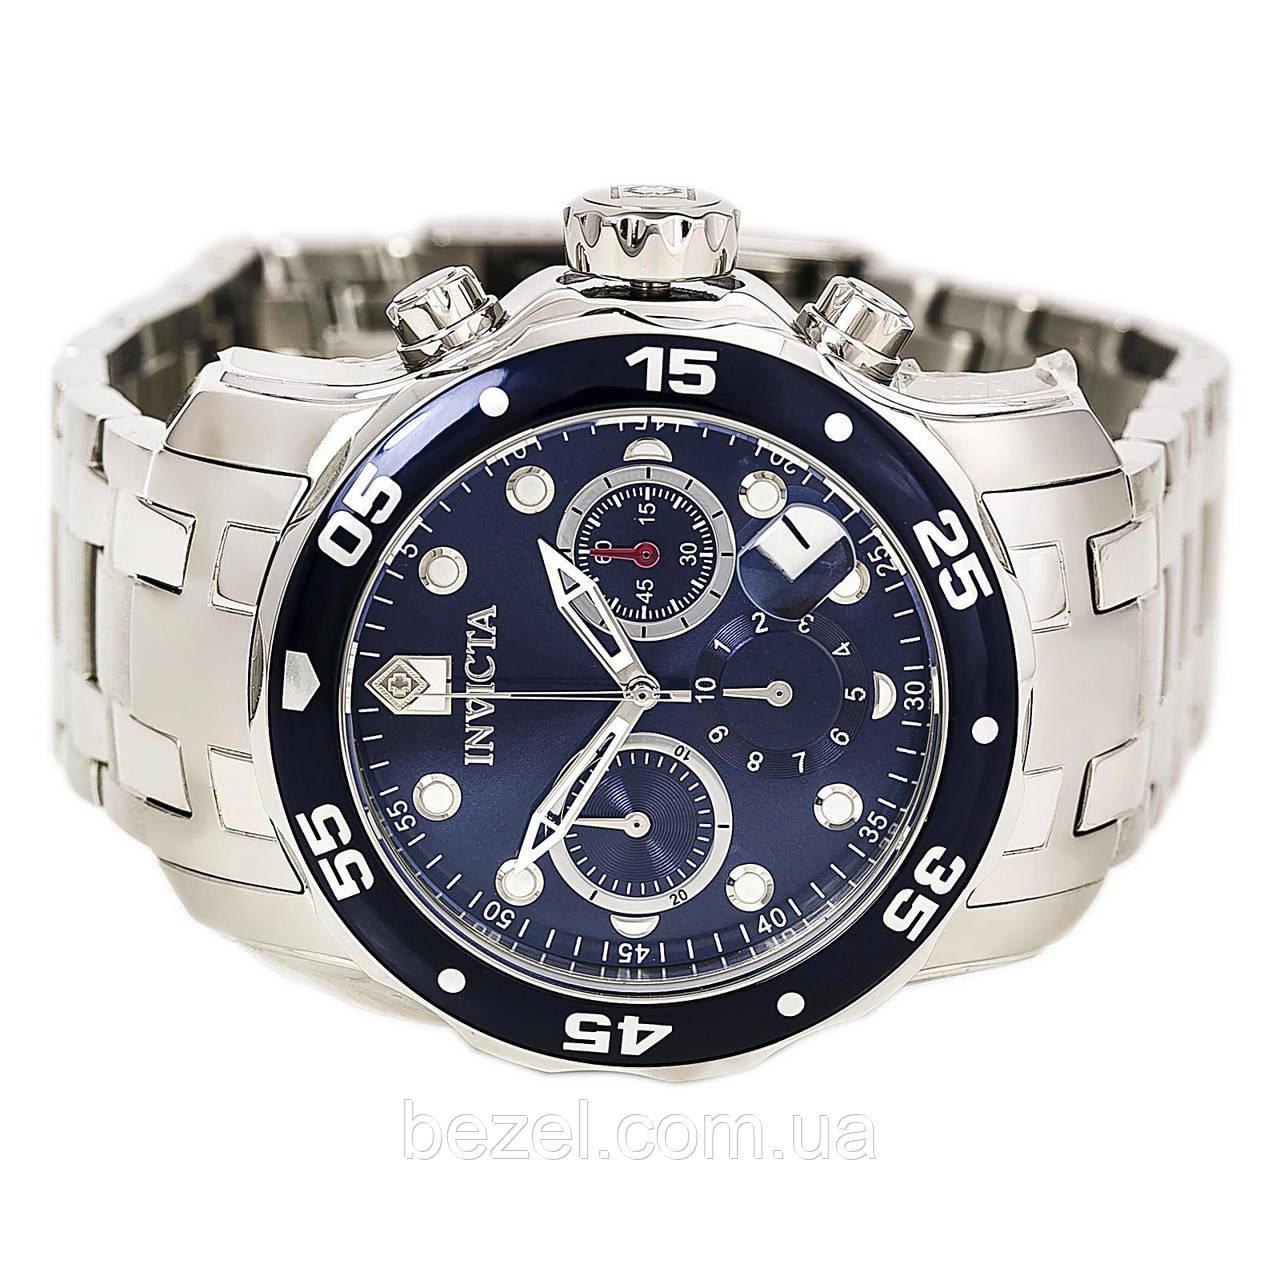 Мужские швейцарские часы INVICTA 0070 Pro Diver Инвикта дайвер  водонепроницаемые швейцарские для дайвинга , фото 2 ... 37c1ee59e50